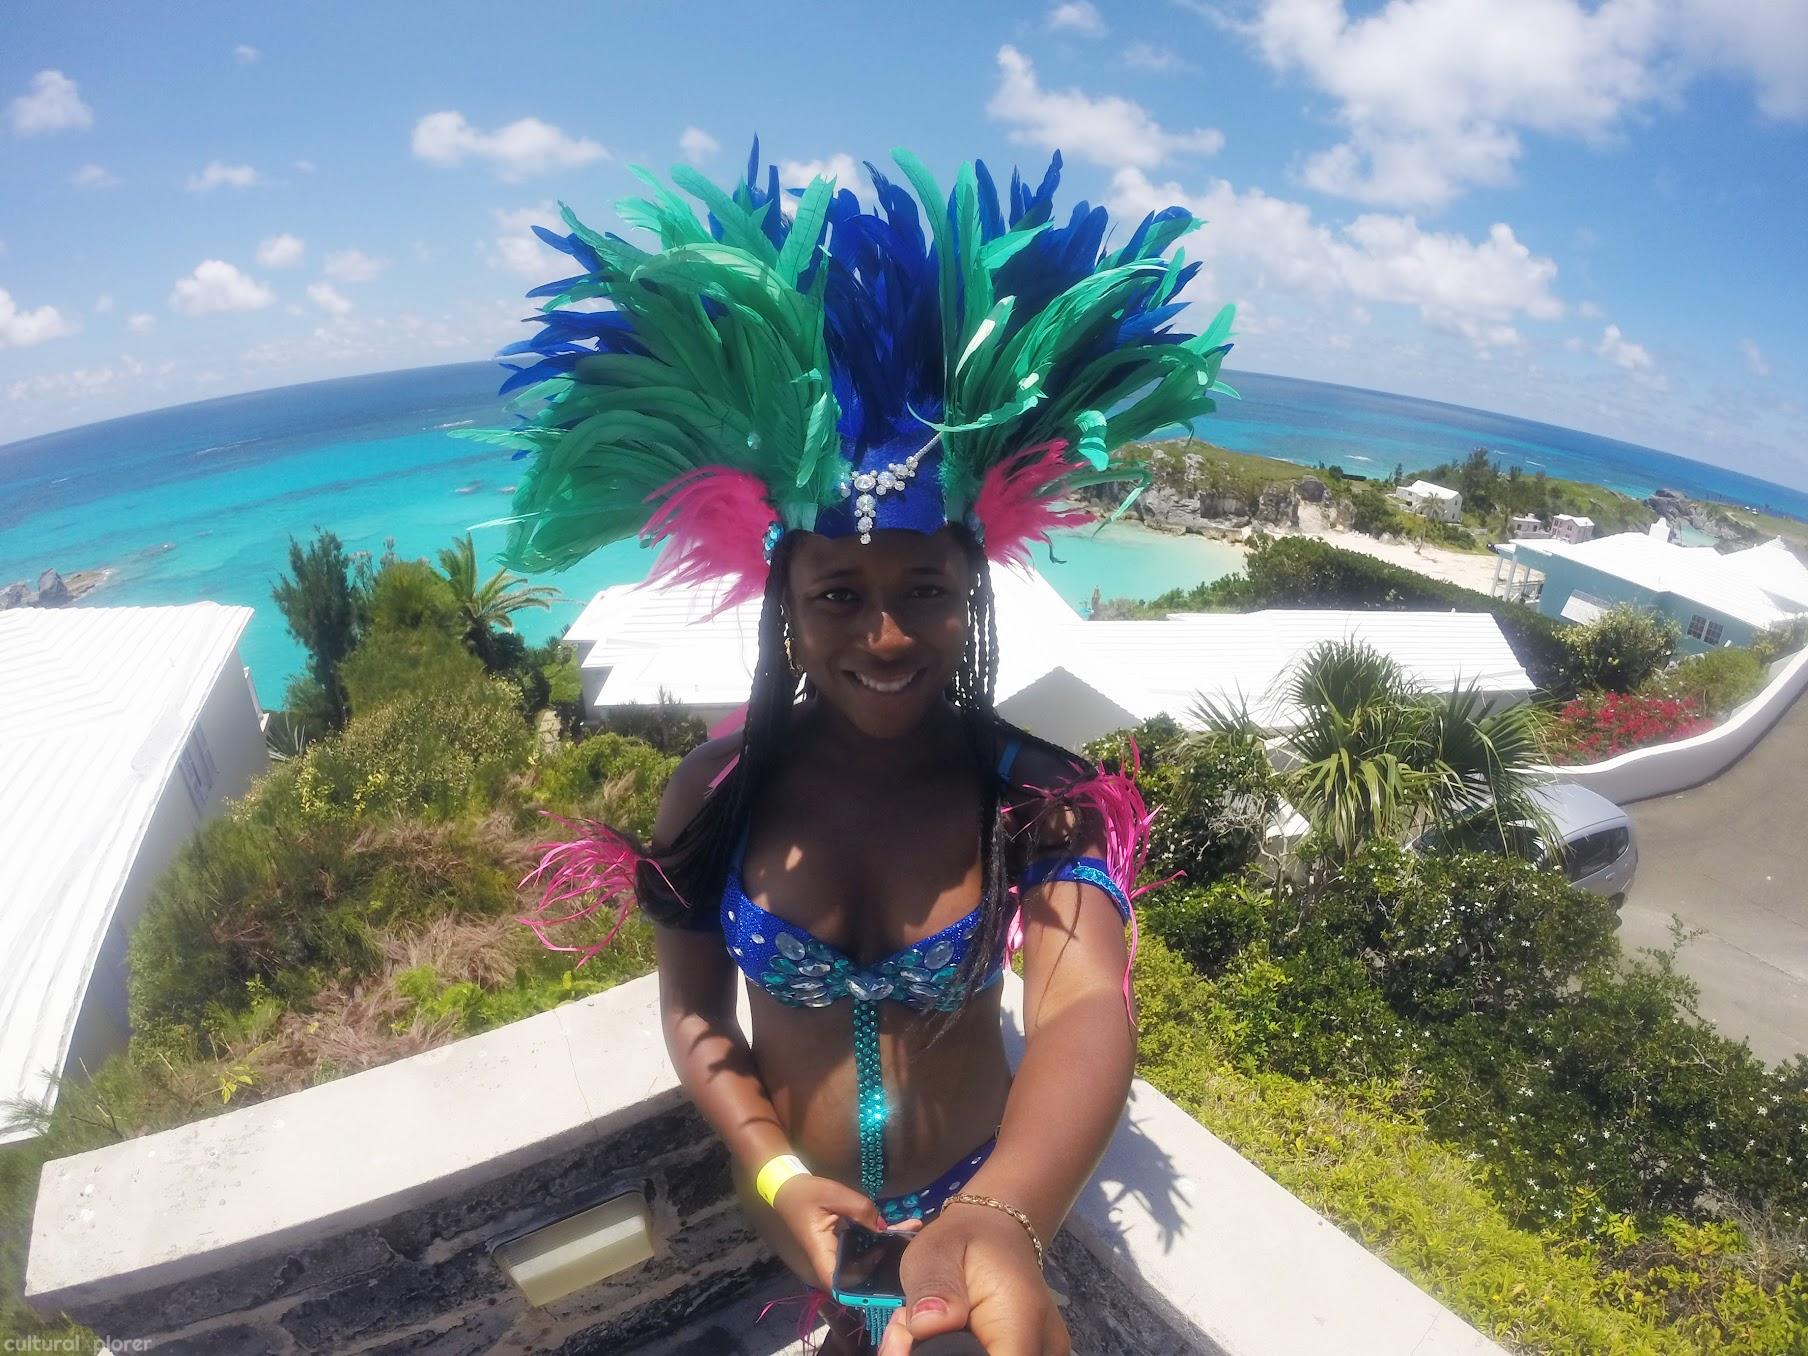 Bermuda Carnival 2015